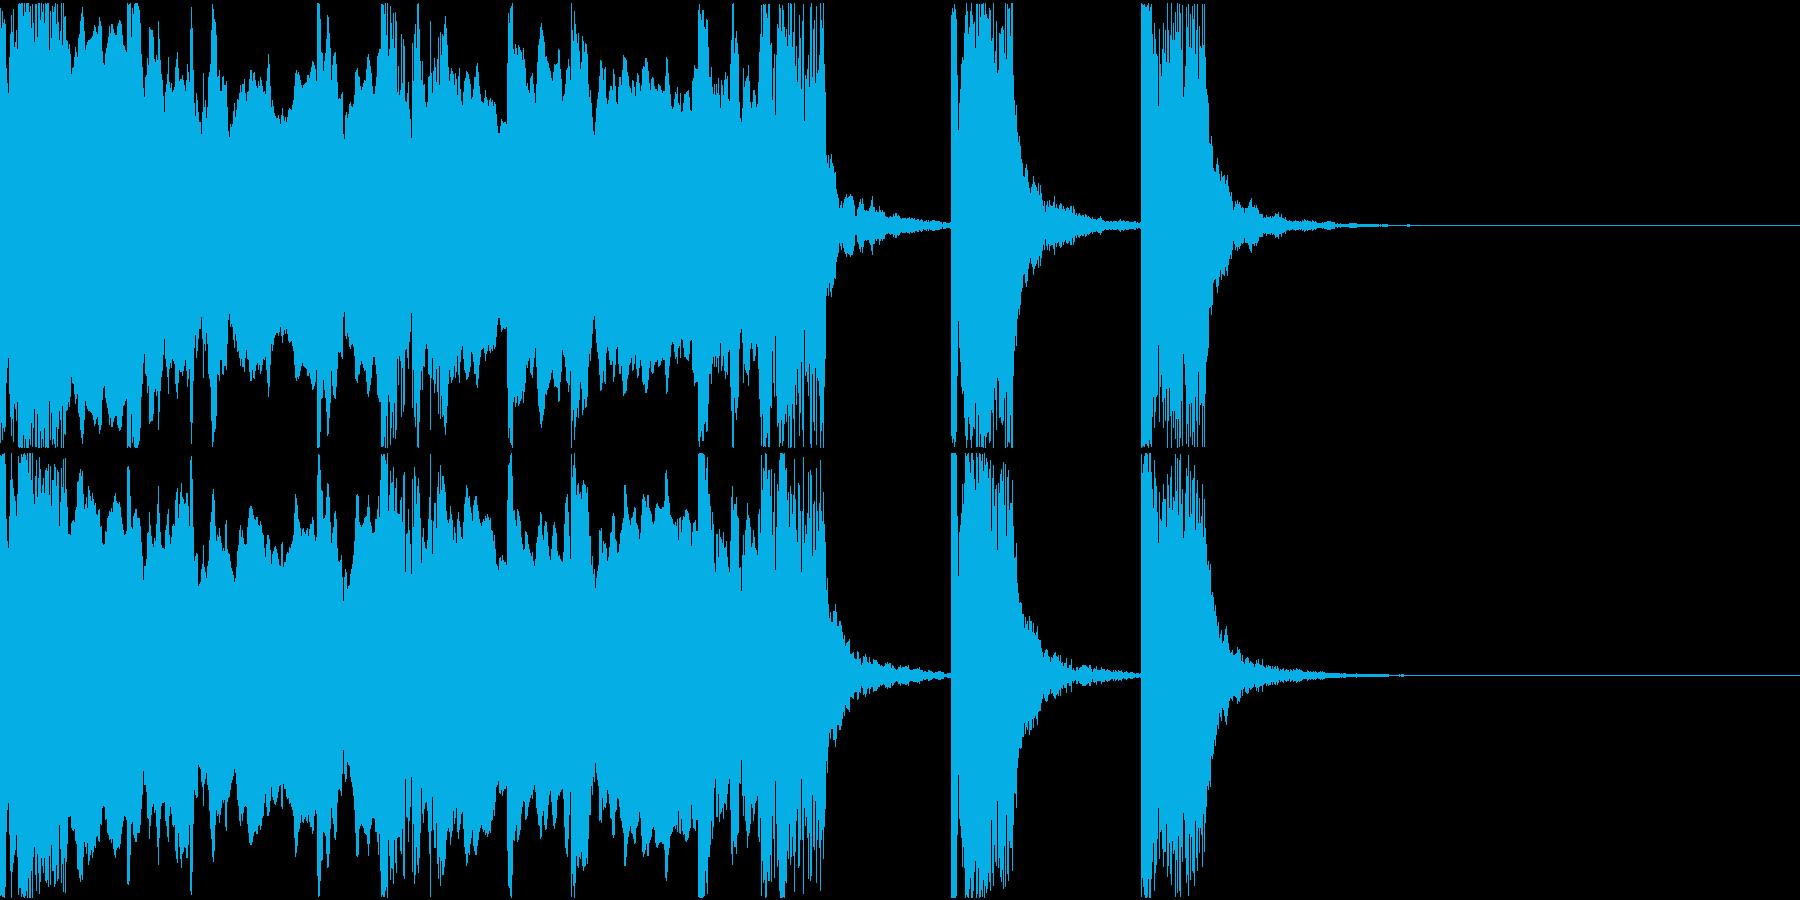 ゲームオーバージングル(ファミコン風)の再生済みの波形